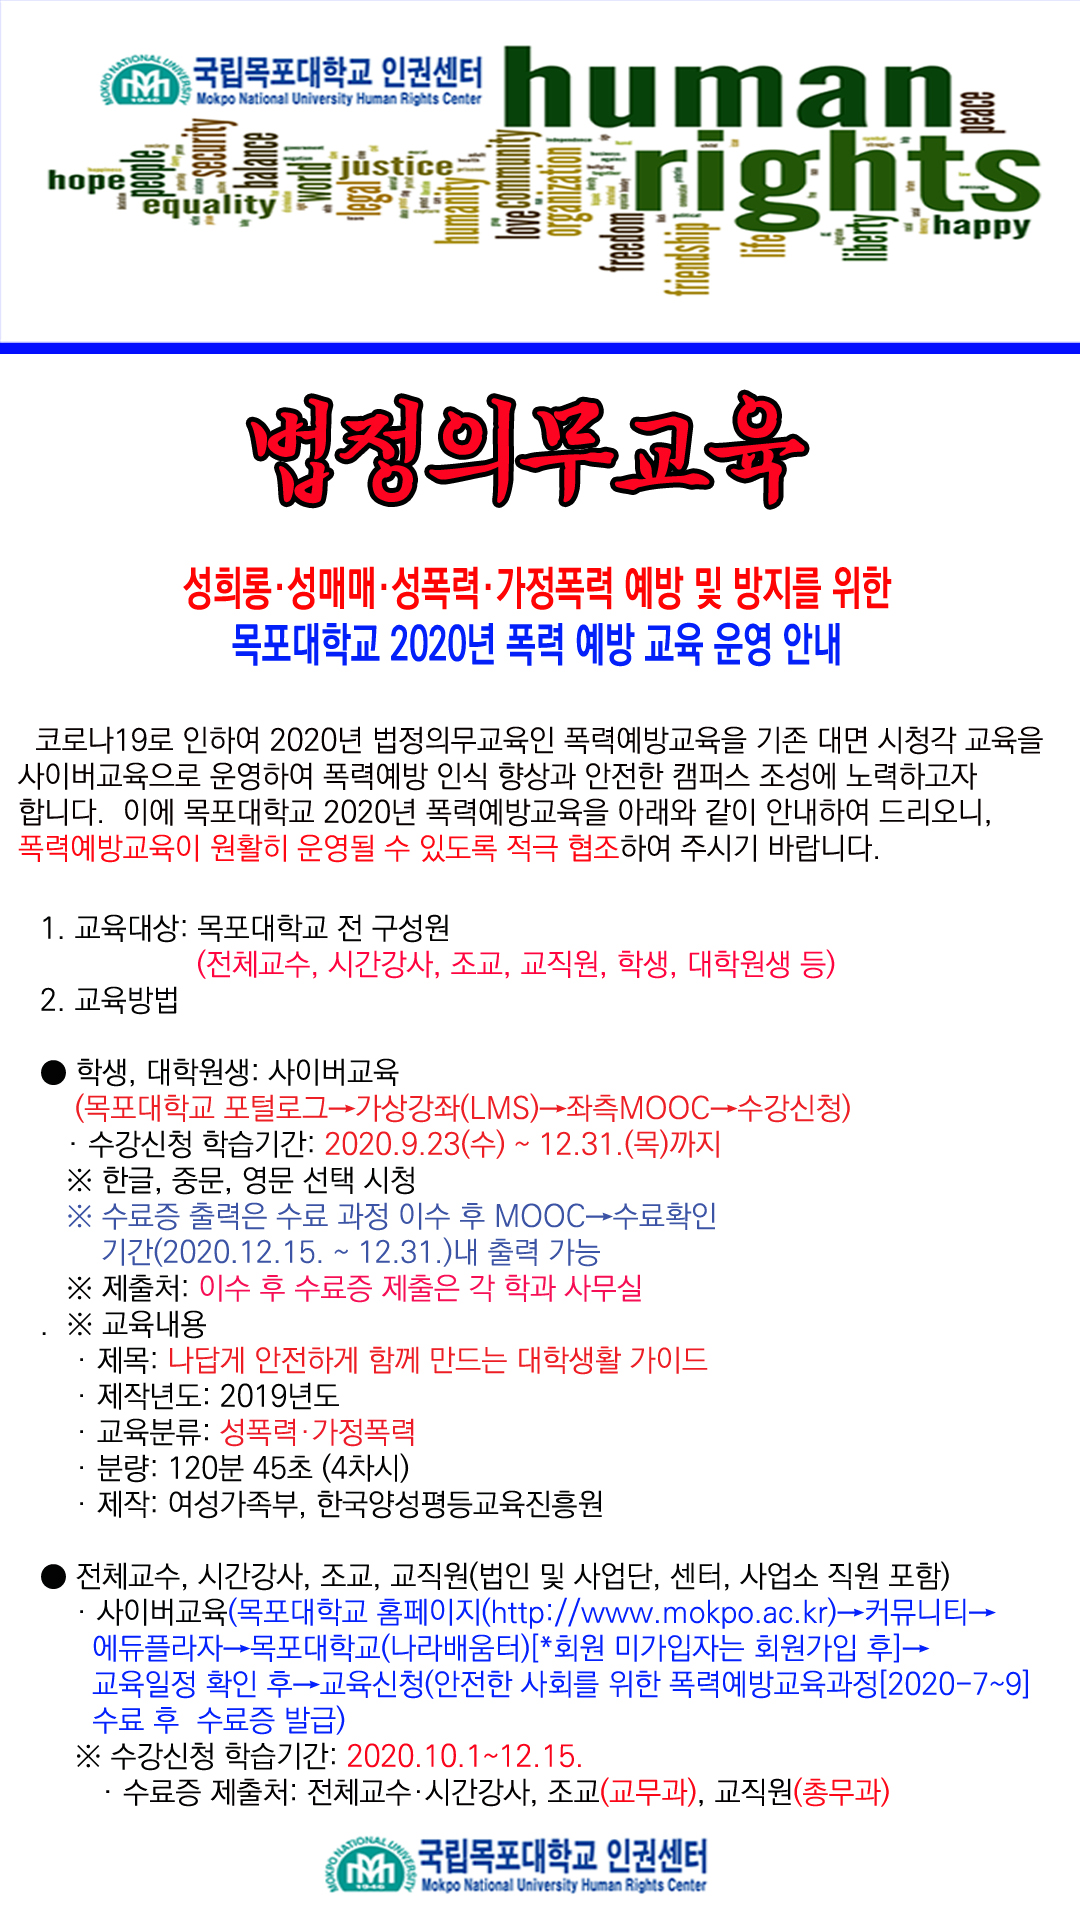 (법정의무교육) 목포대학교 2020년 폭력 예방 교육 운영 안내.jpg